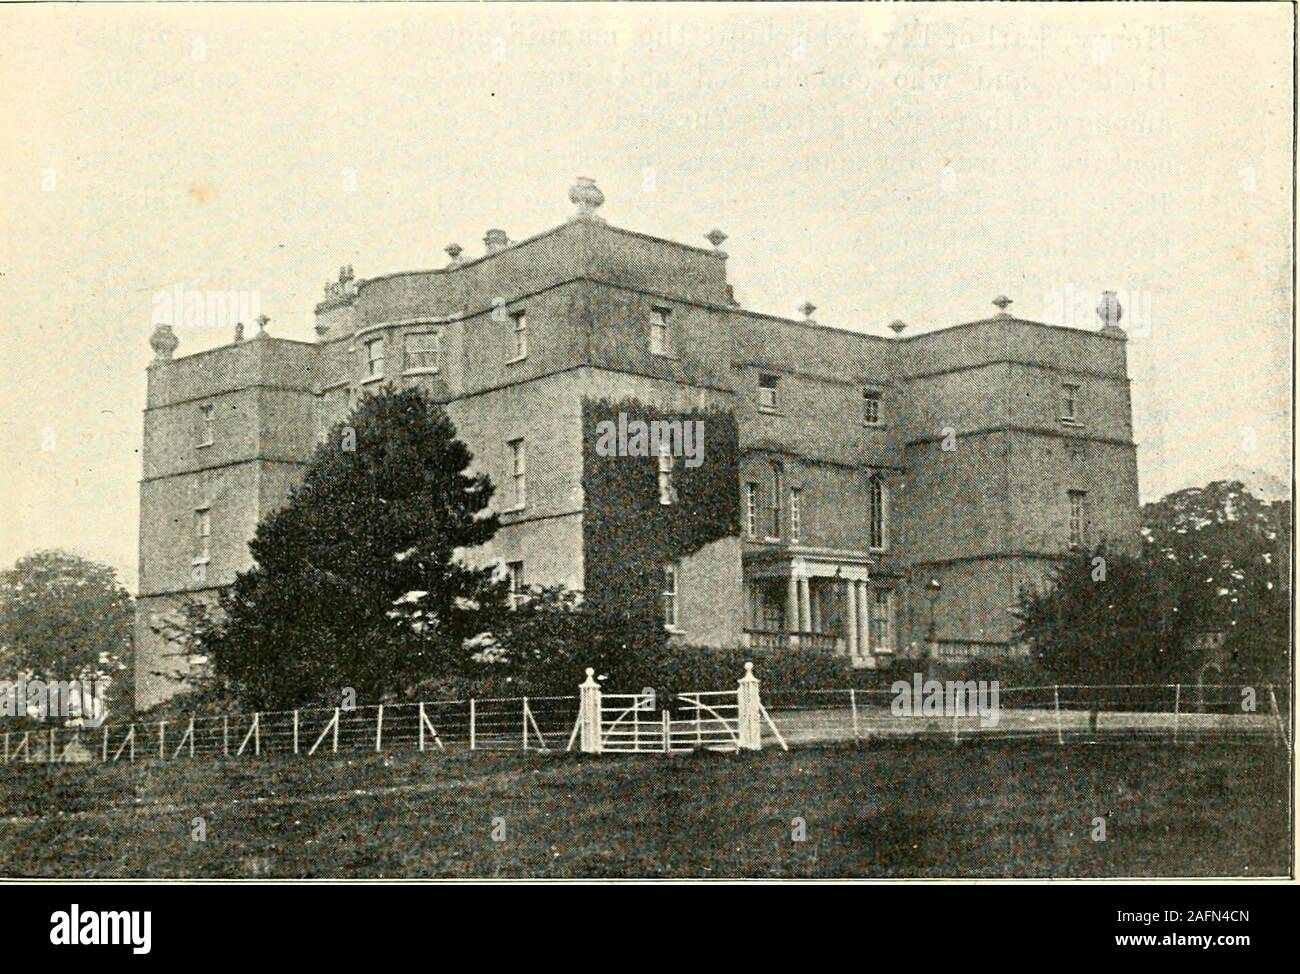 Rathfarnham - Wikipedia